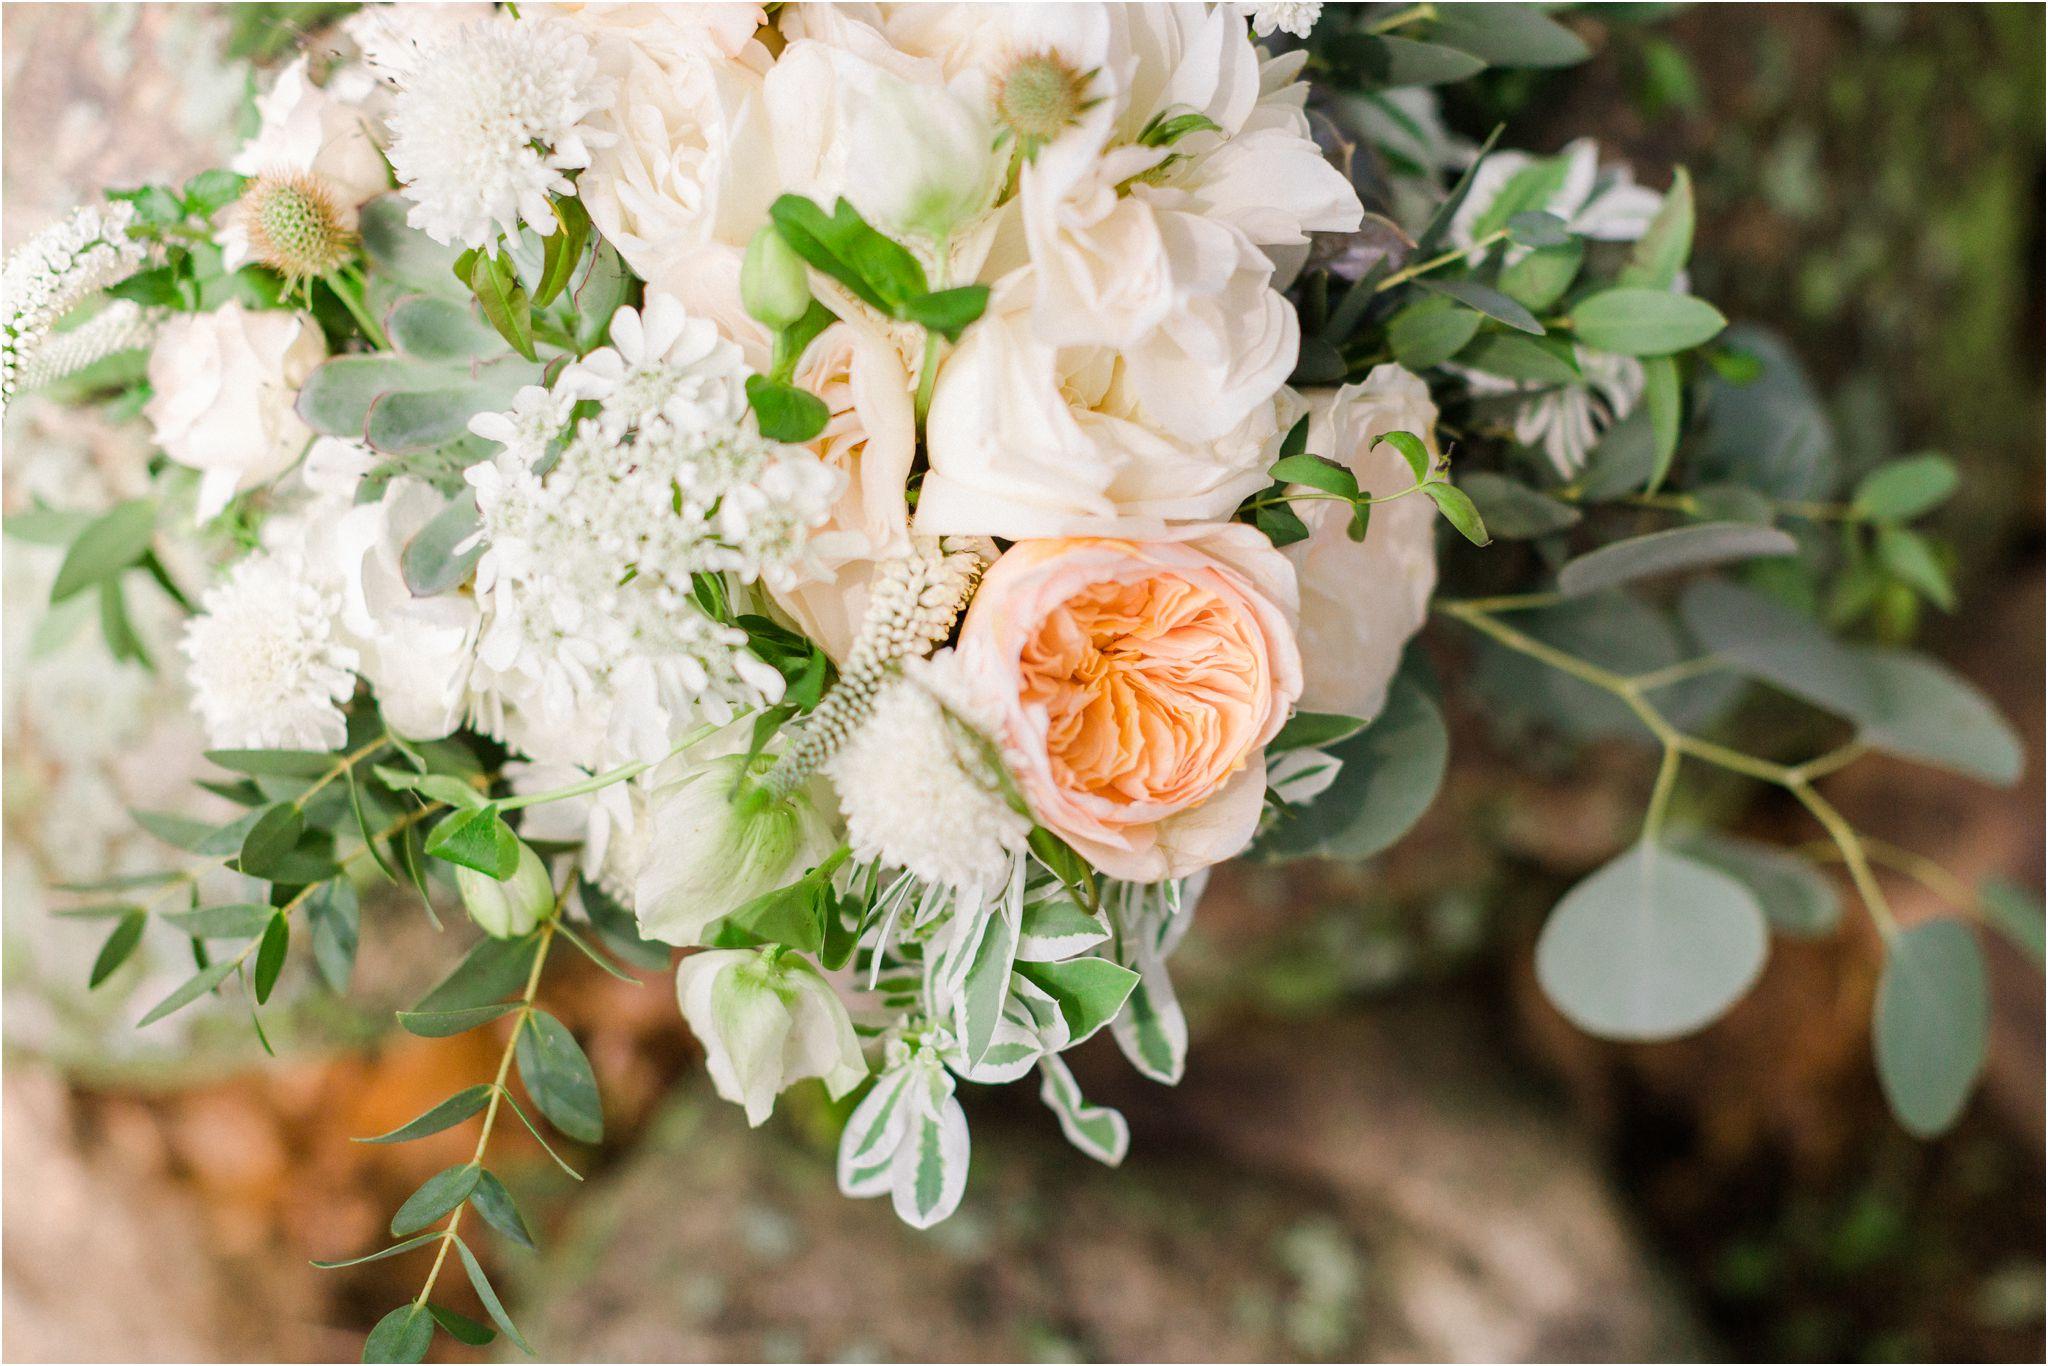 private-estate-wedding-hamilton-photos_00003.JPG